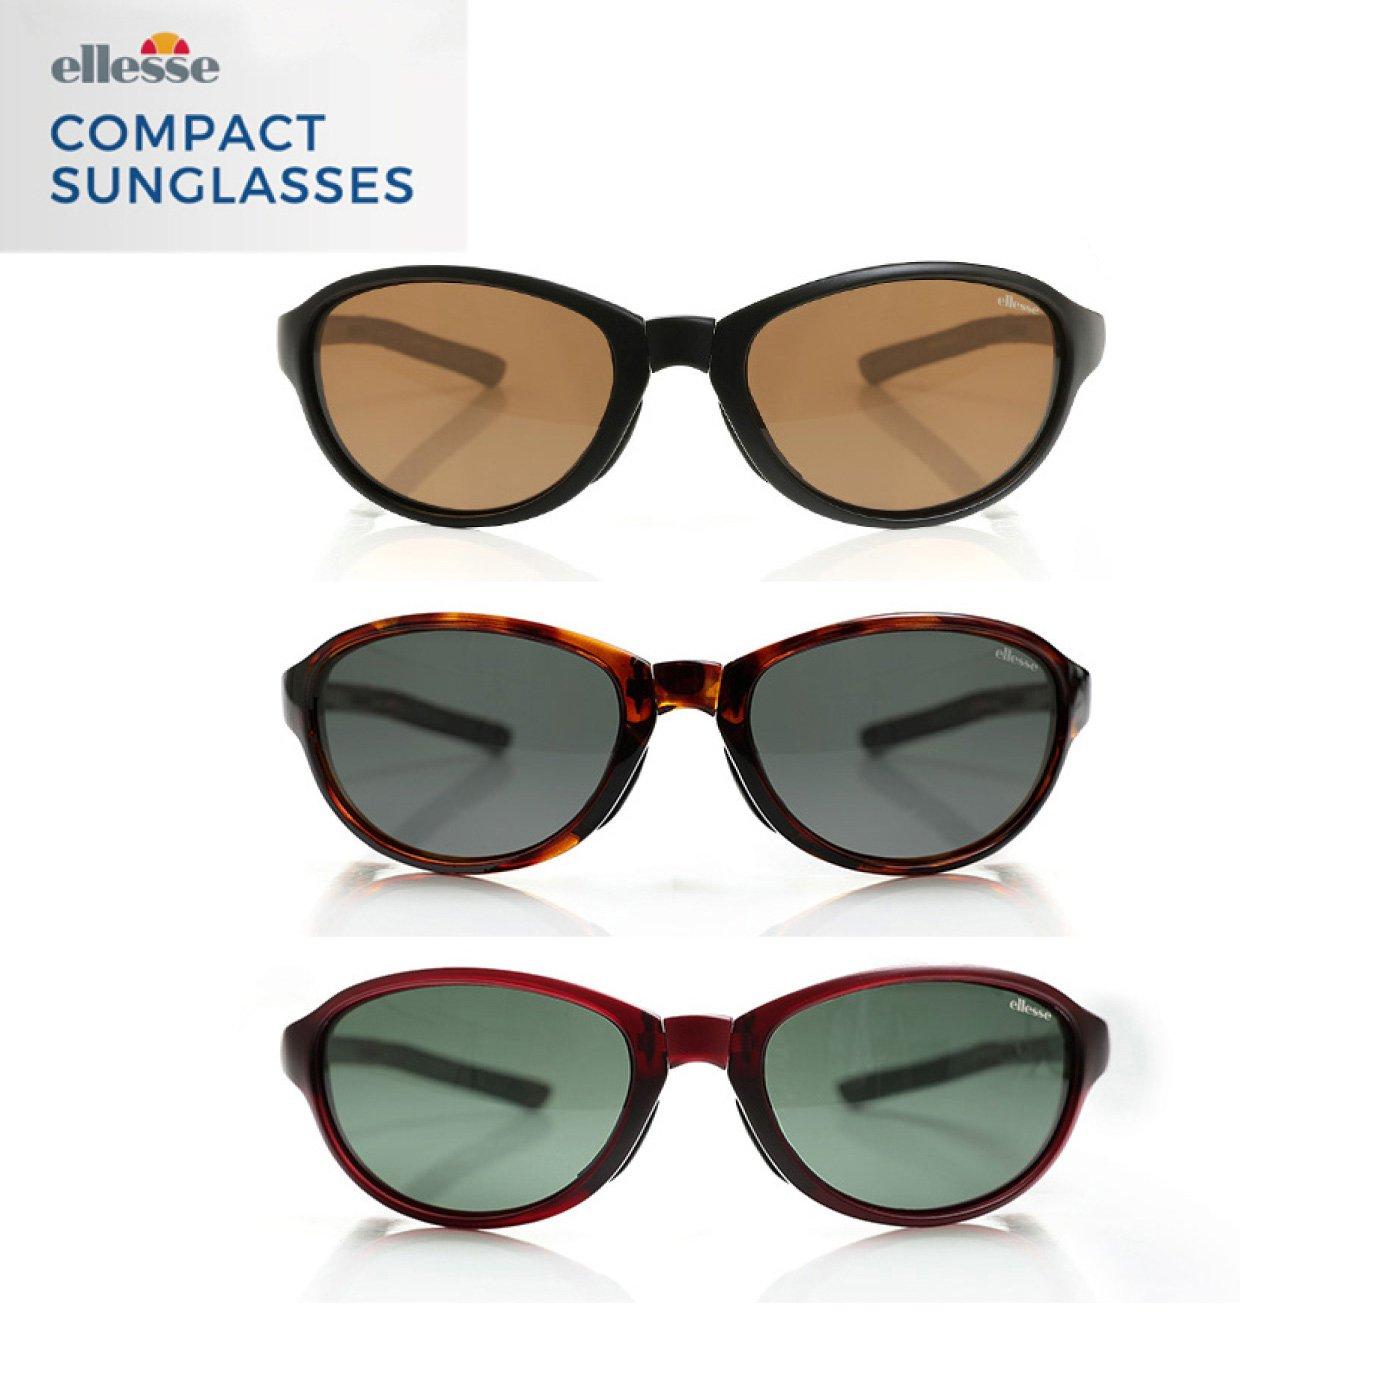 軽量&折りたたみOK エレッセ コンパクトサングラス